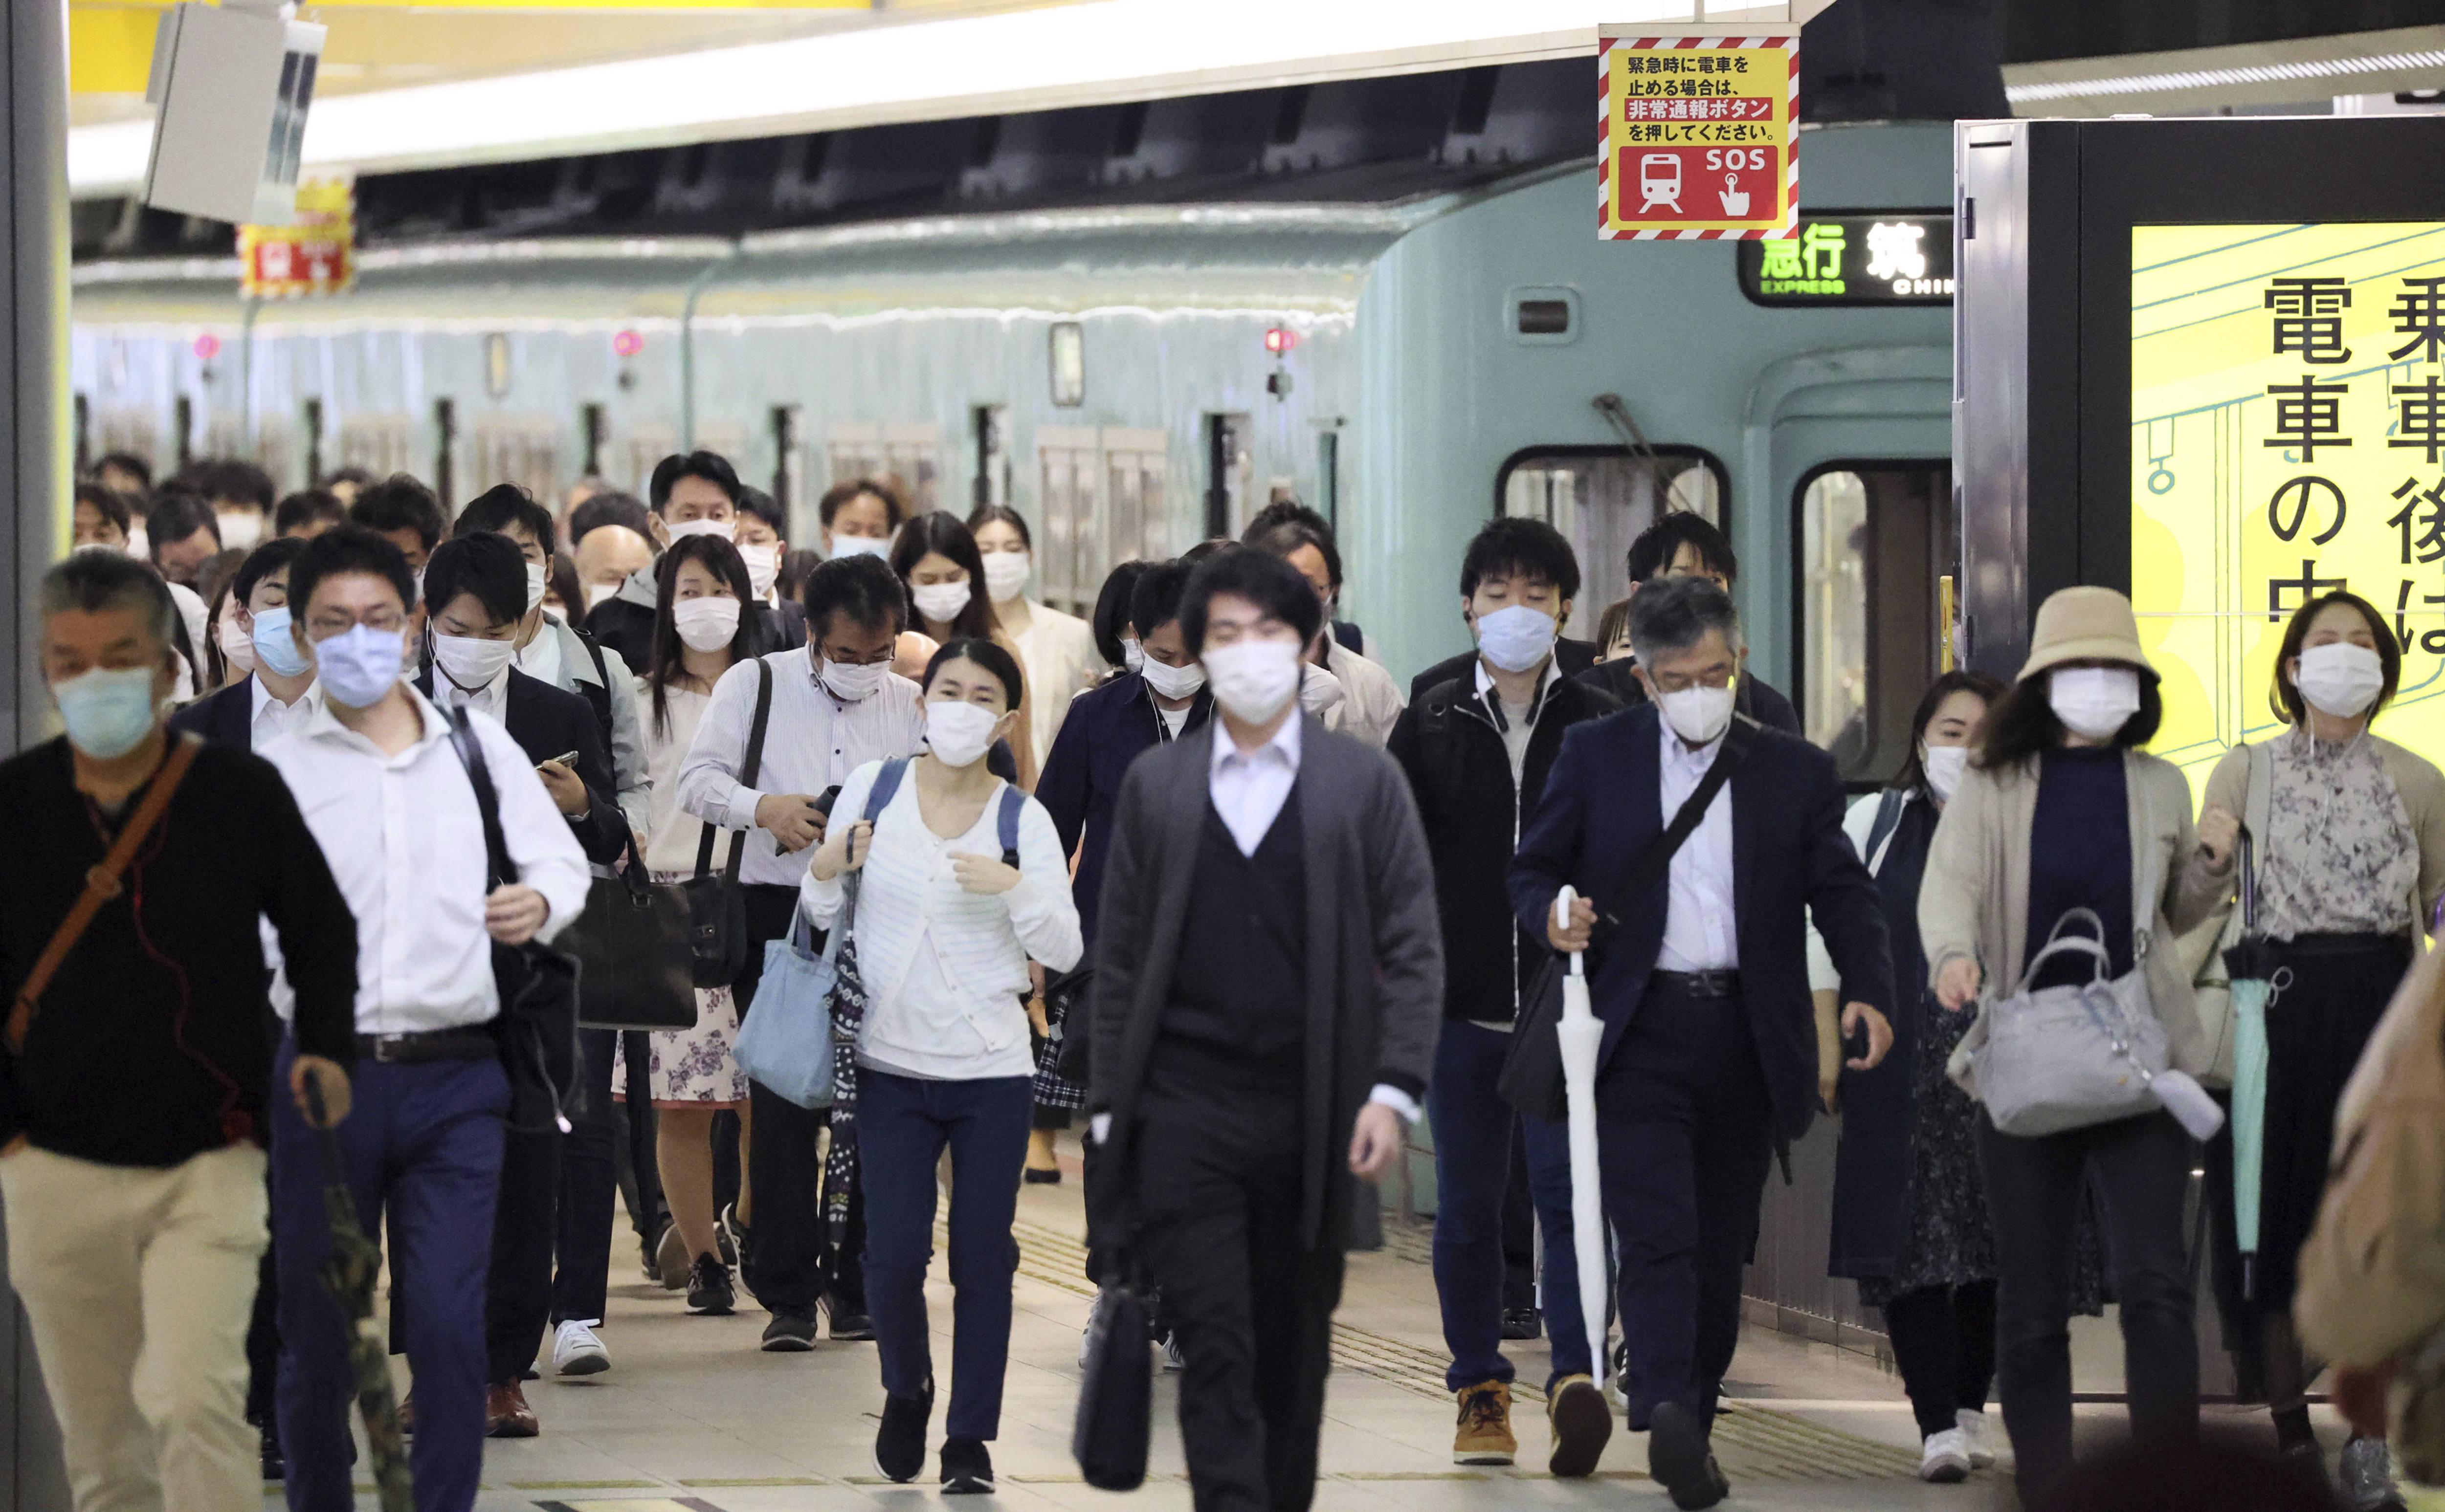 Des personnes portant un masque se rendent au travail à Fukuoka, au Japon, le 15 mai.